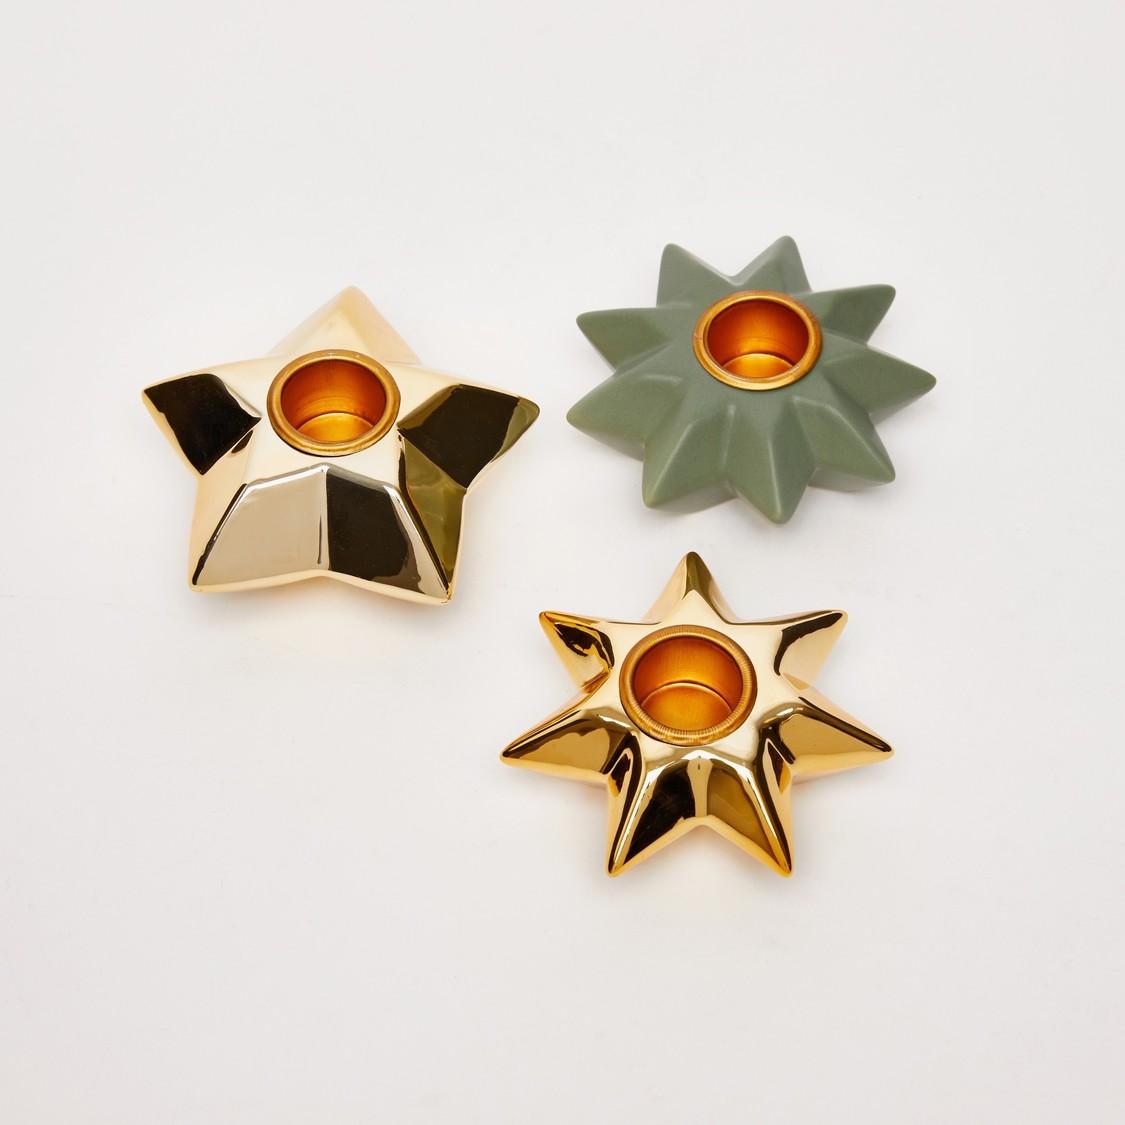 حامل شموع بتصميم نجوم - طقم من 3 قطع